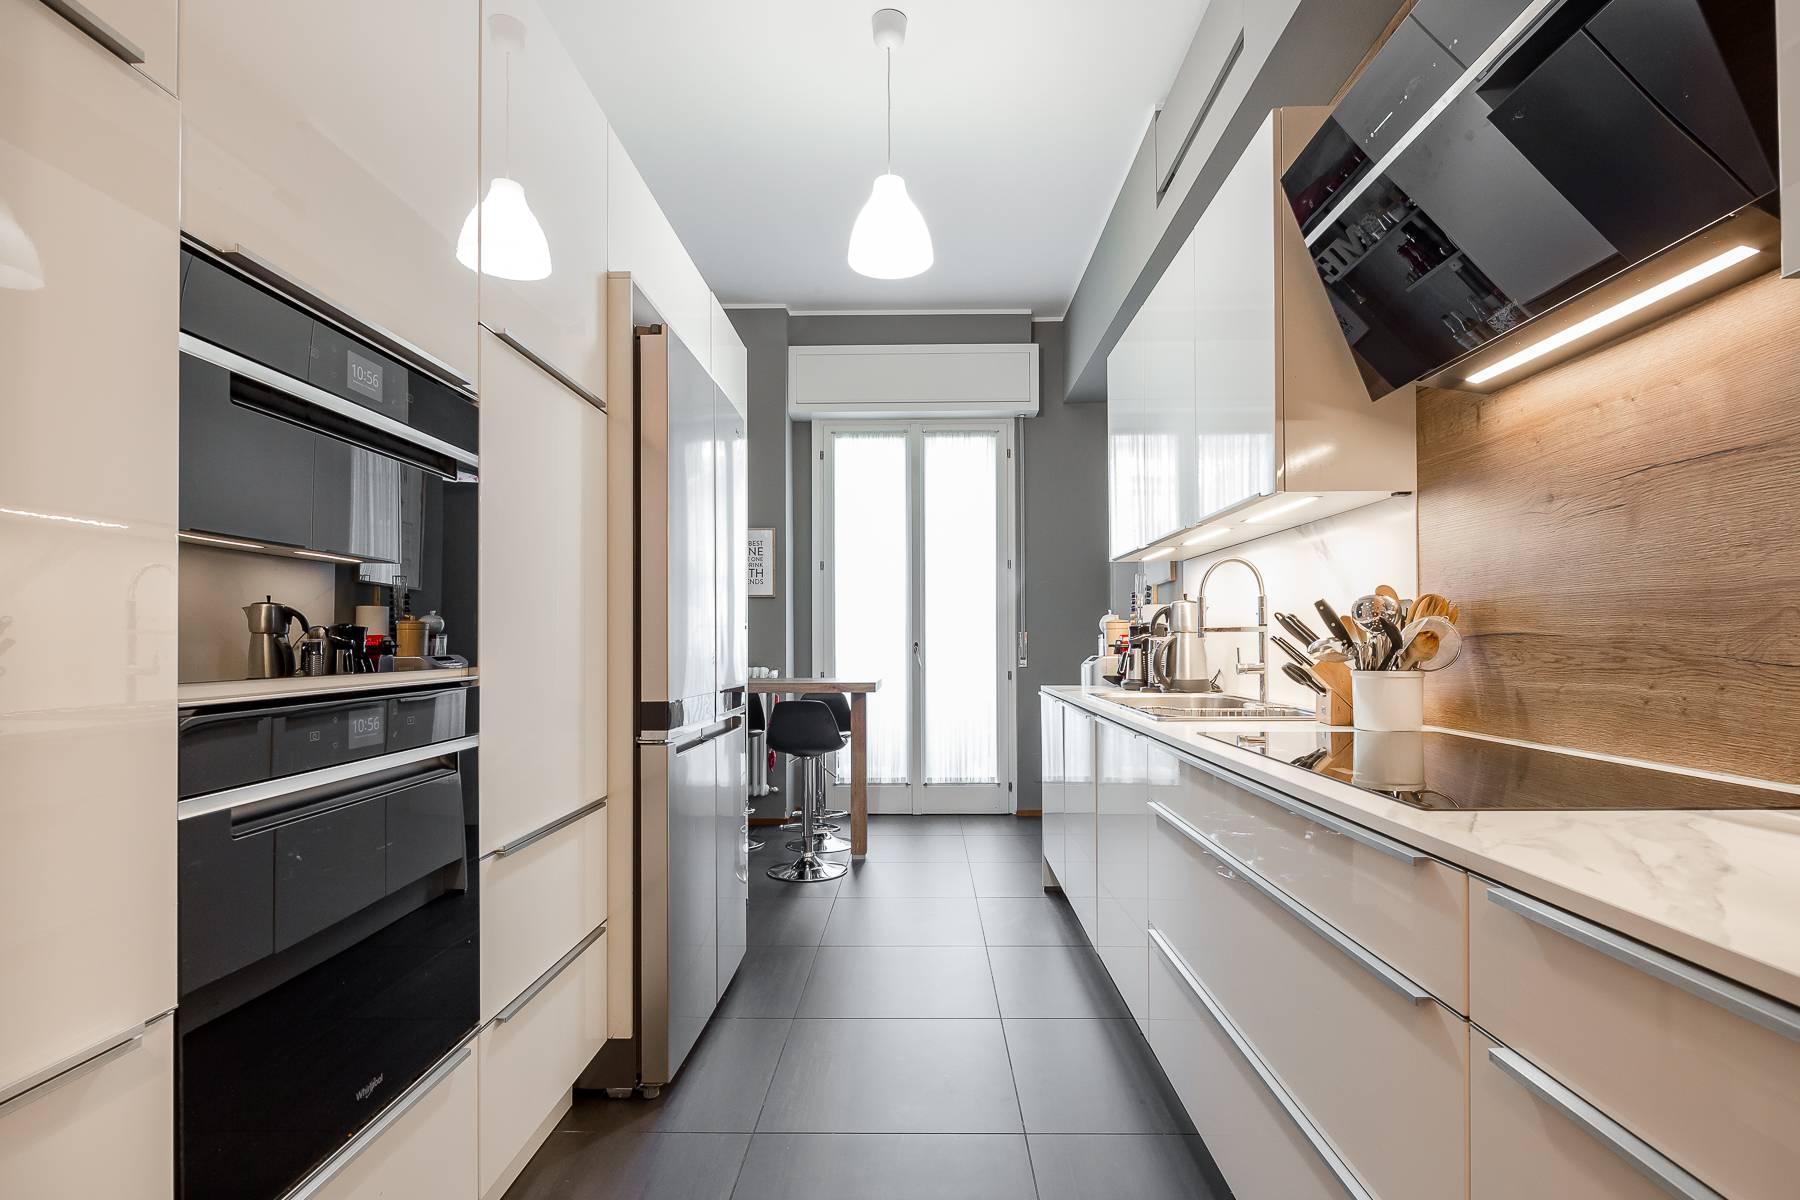 Renovierte Wohnung im Stadtviertel Ticinese/Darsena - 6